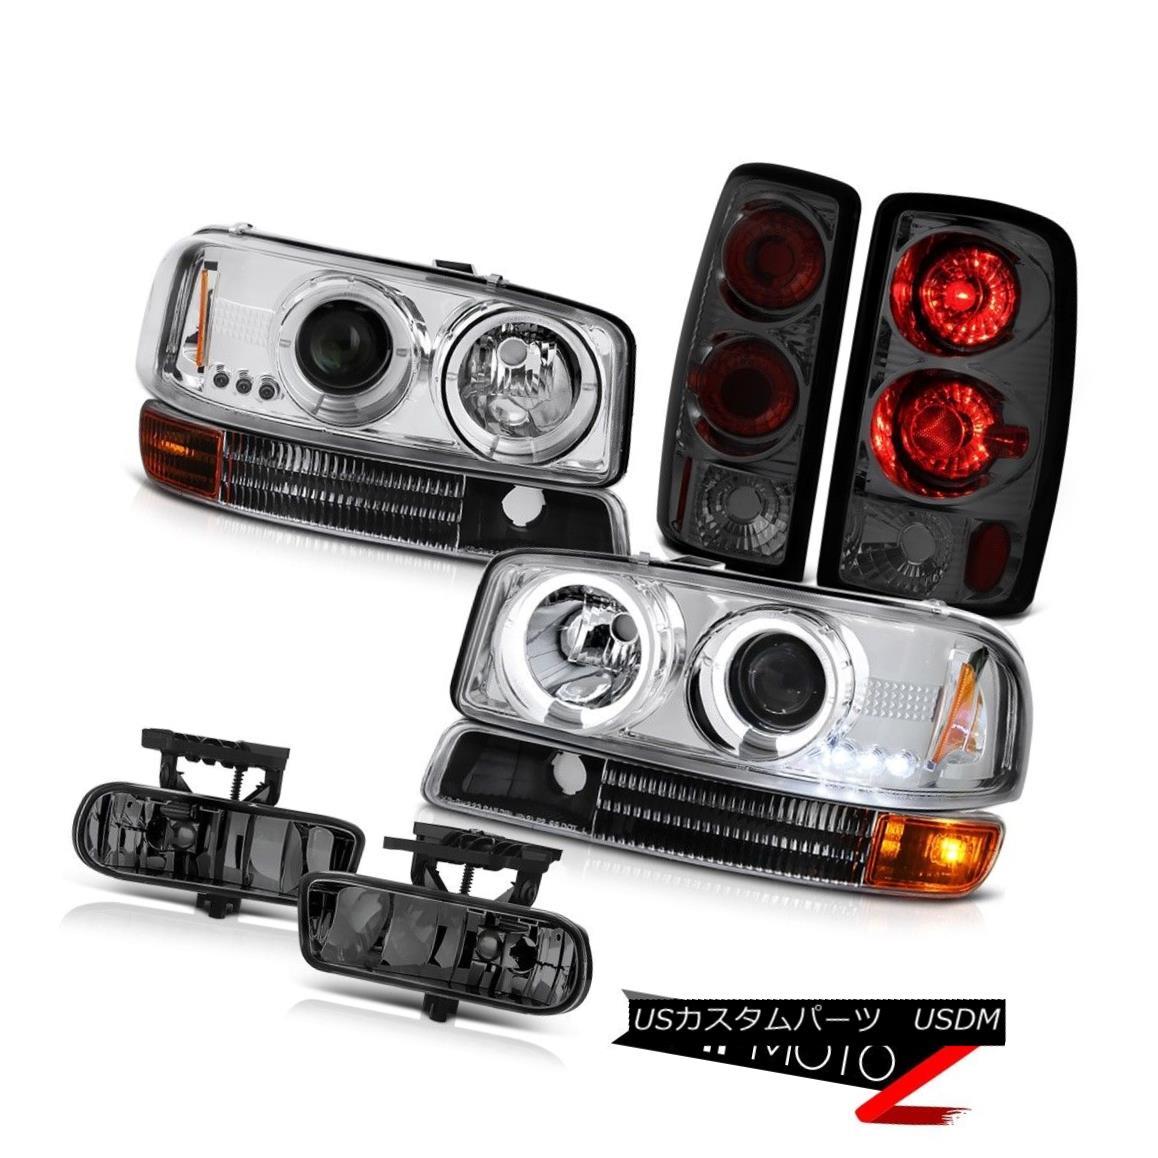 ヘッドライト Projector Clear Headlights Onyx Black Parking Tail Lights FogLights 00-06 Yukon プロジェクタークリアヘッドライトオニキスブラックパーキングテールライトフォグライト00-06ユーコン